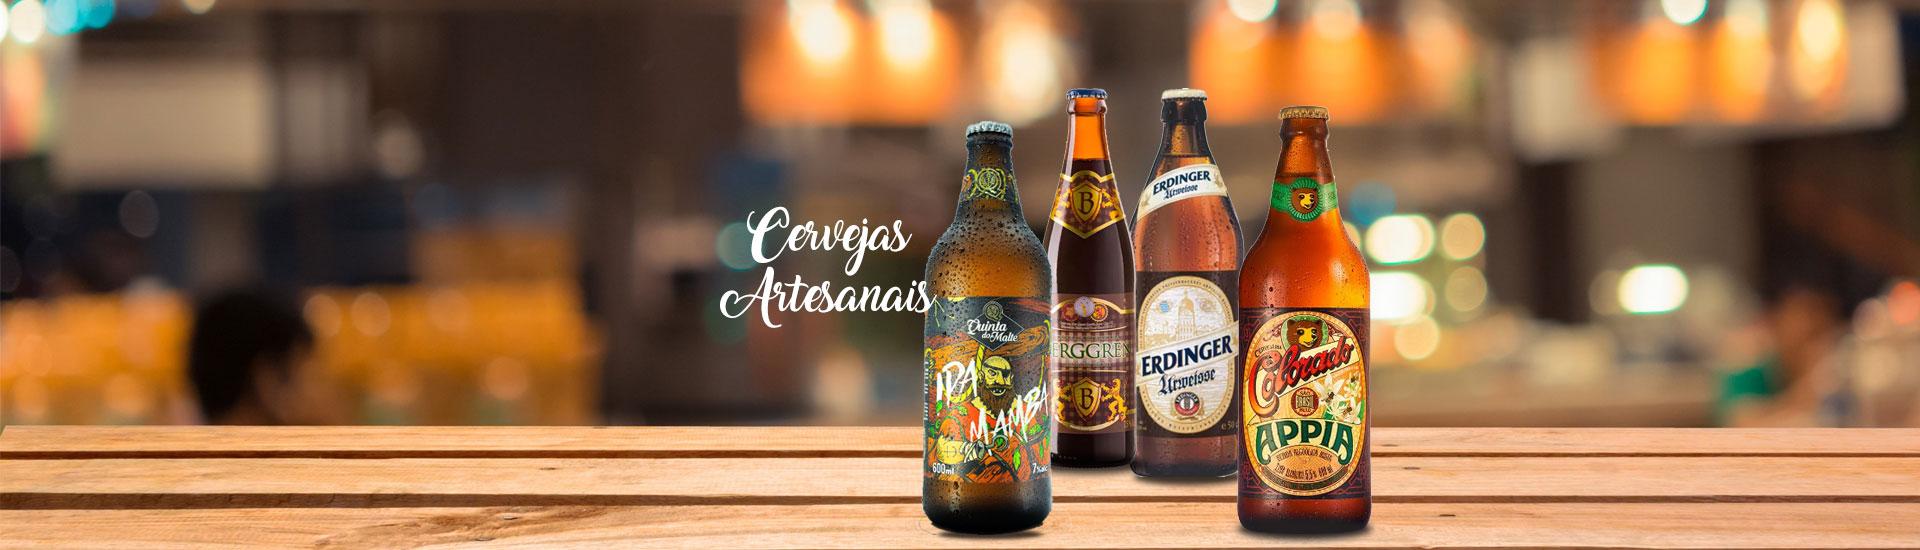 Slide-cerveja-importada-artesanal-Dom-Constantin-Supermercado-em-santos